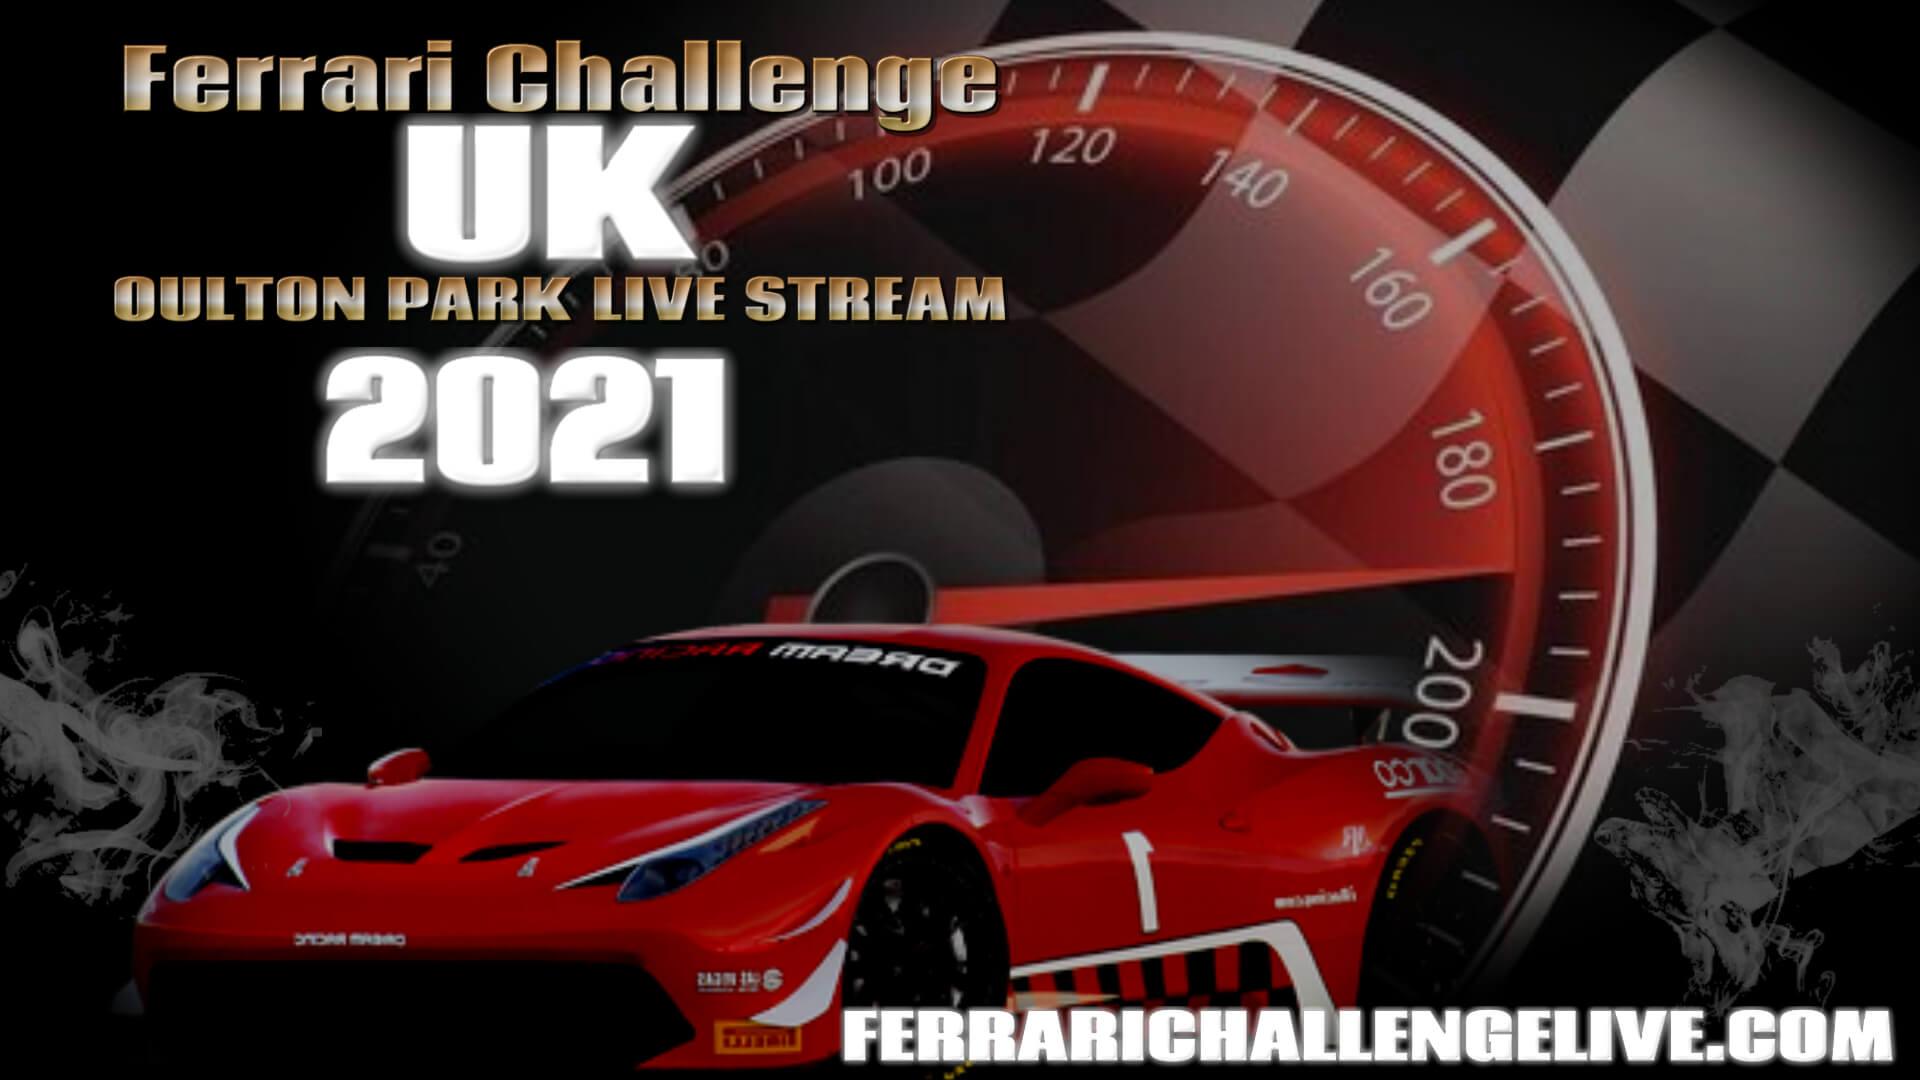 Oulton Park Live Stream 2021 | Ferrari Challenge UK